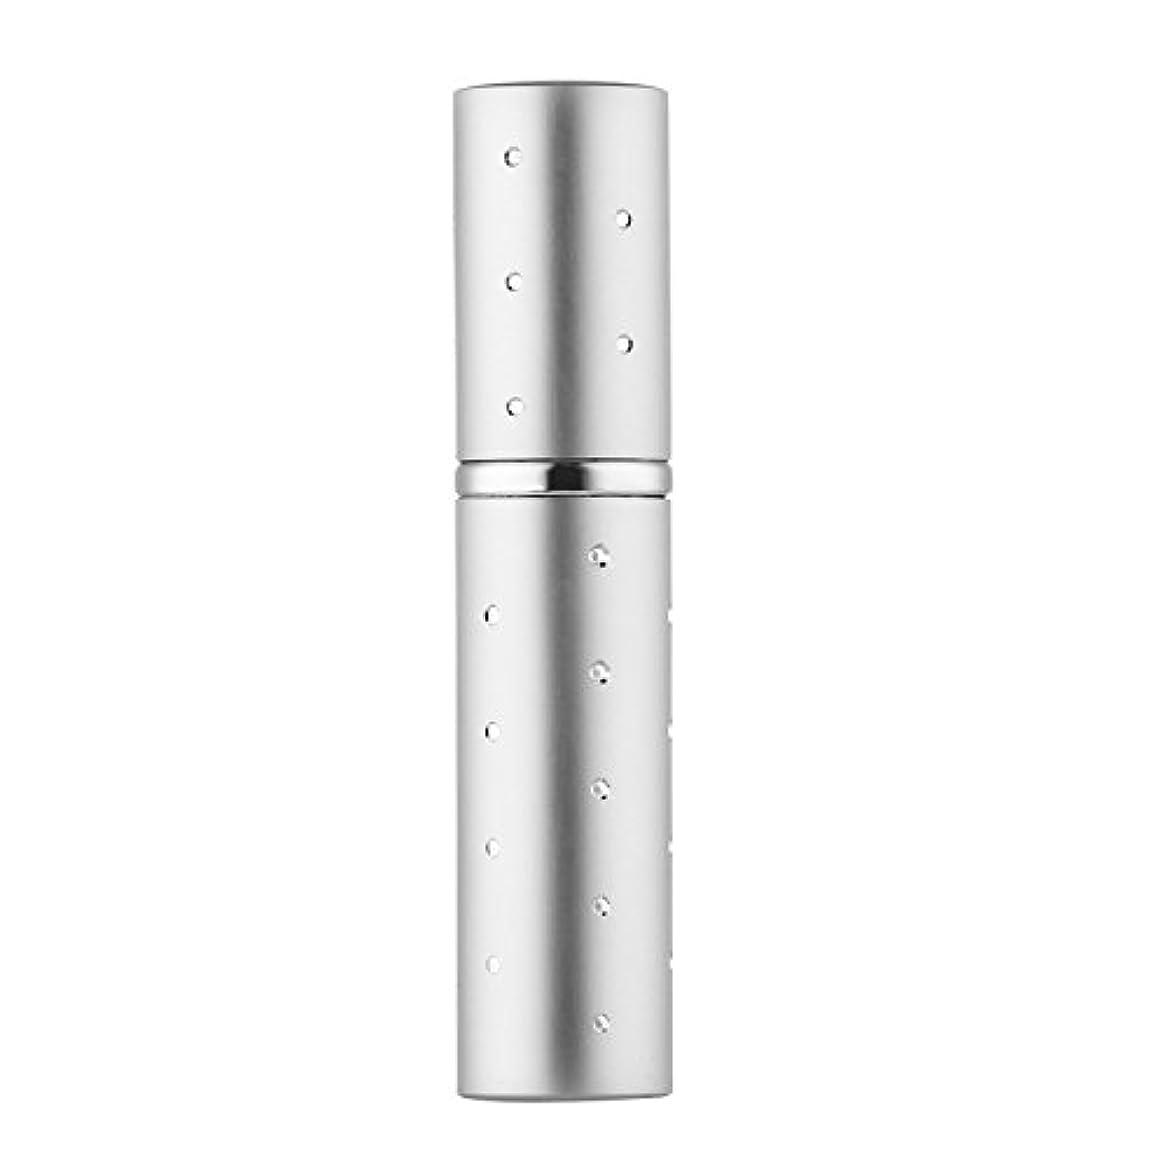 もう一度立証するさらに香水アトマイザー Faireach レディース スプレーボトル 香水噴霧器 旅行携帯便利 詰め替え容器 5ml